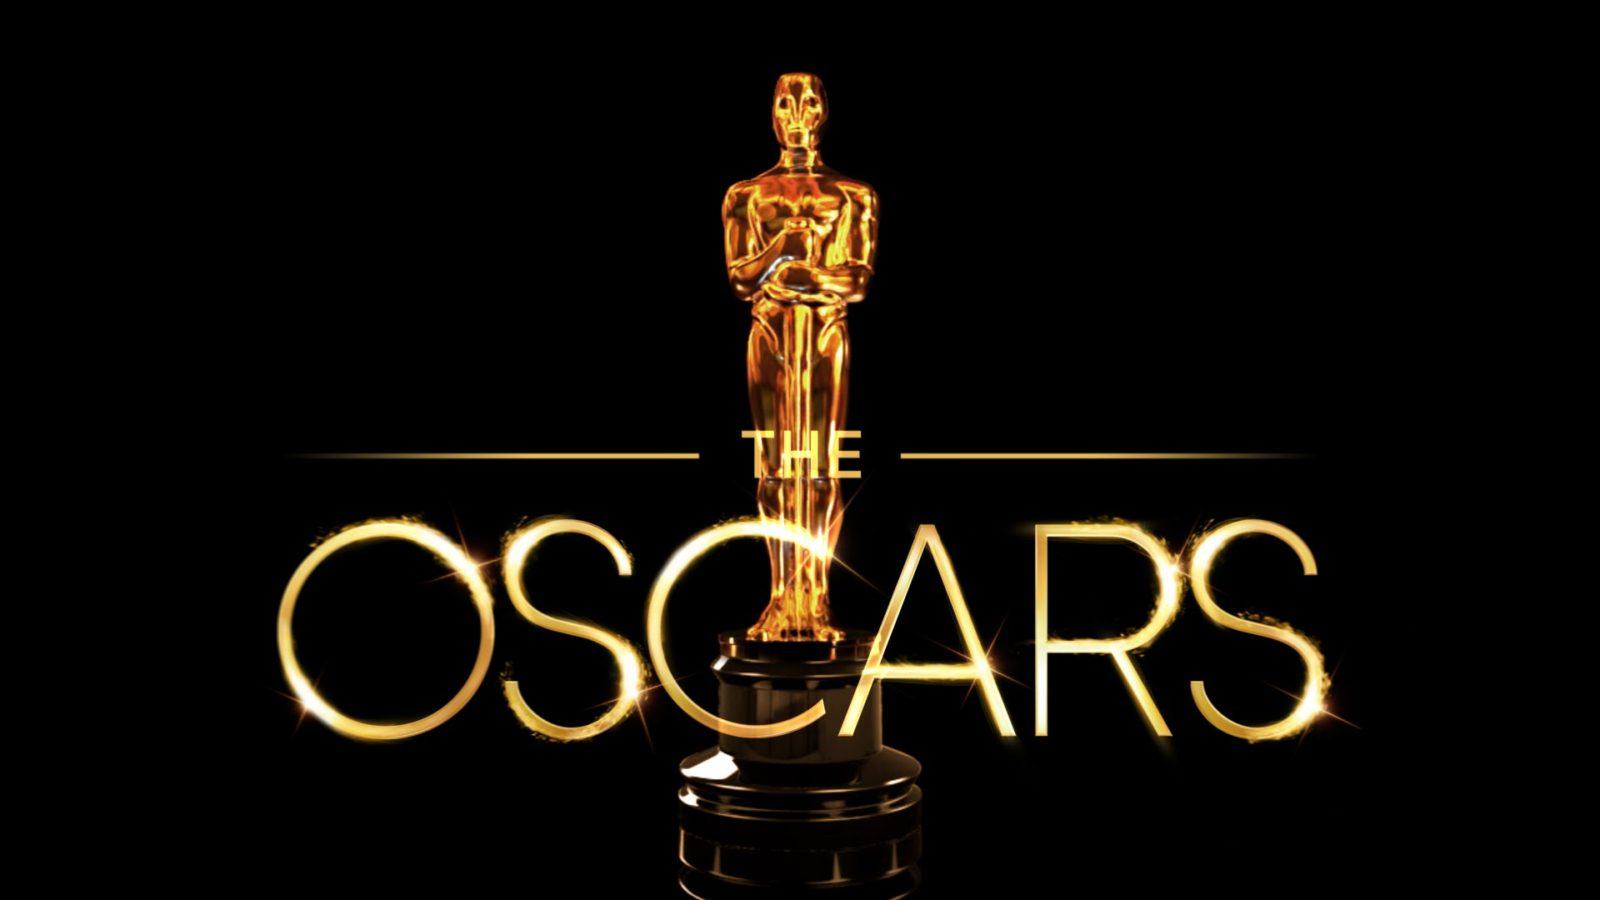 Quatre films français ont été sélectionnés pour les Oscars 2020